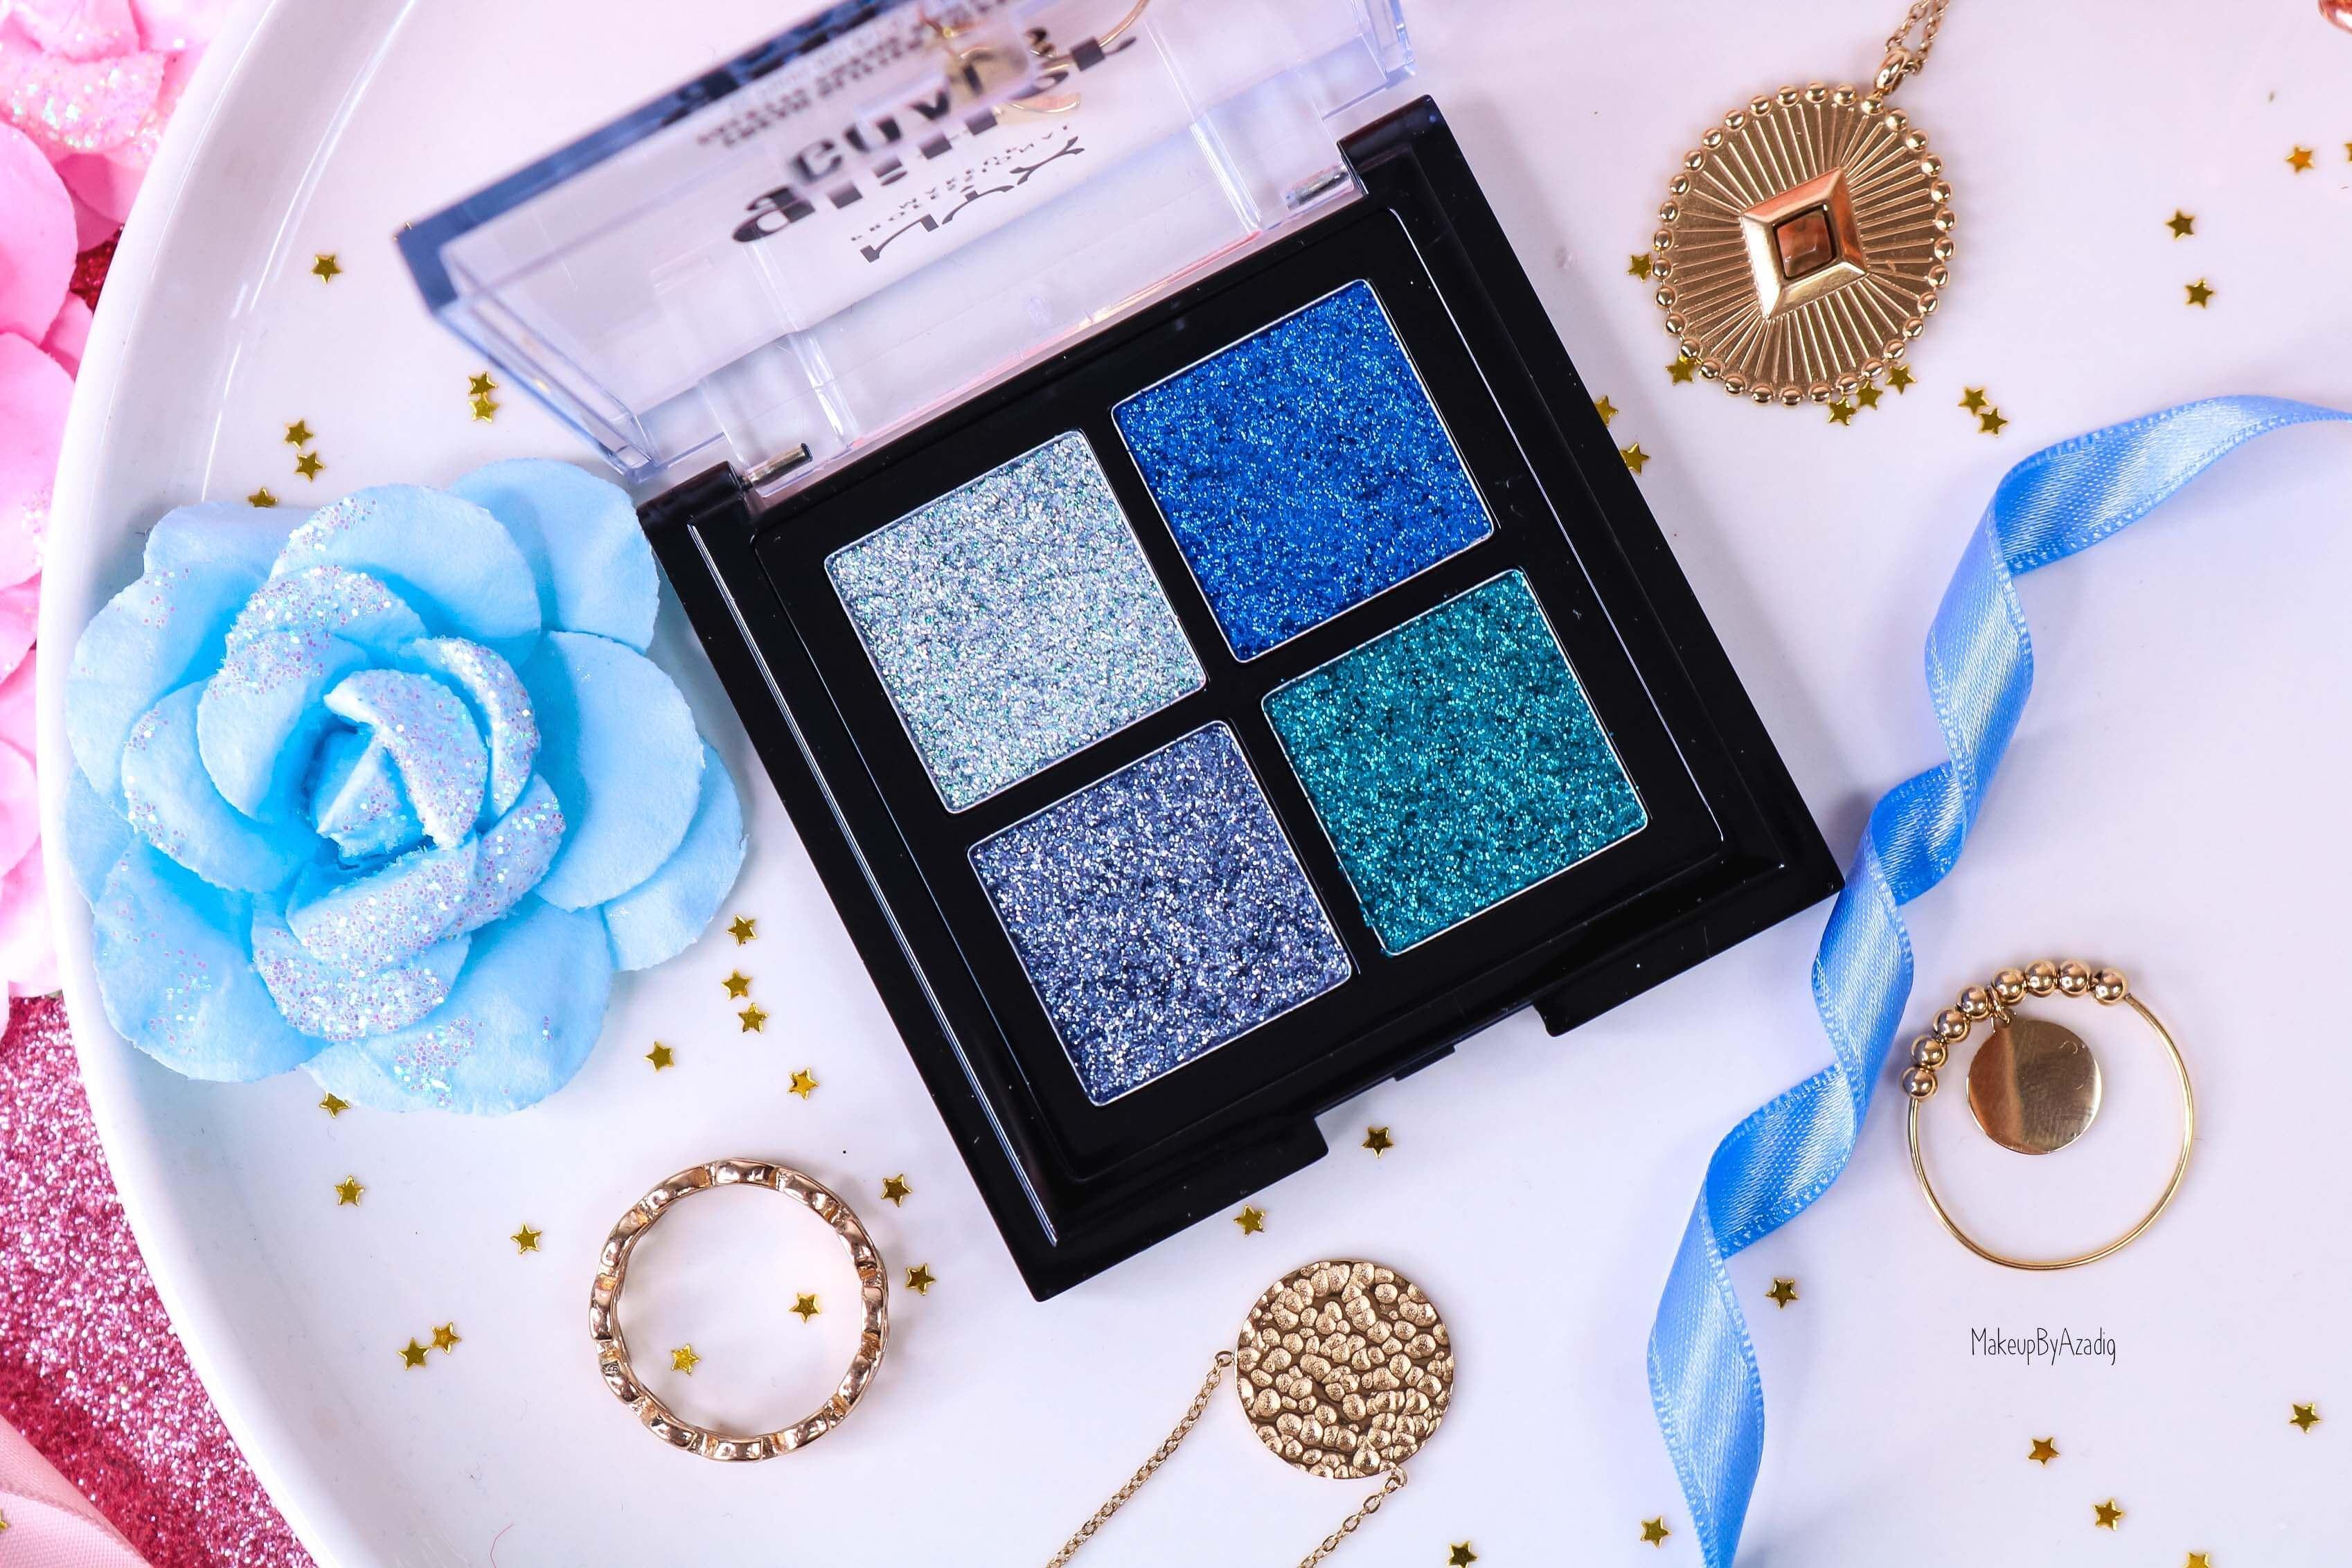 revue-palette-glitter-goals-nyx-professional-makeup-festival-coachella-avis-prix-paillette-makeupbyazadig-galactica-glacier-tendance